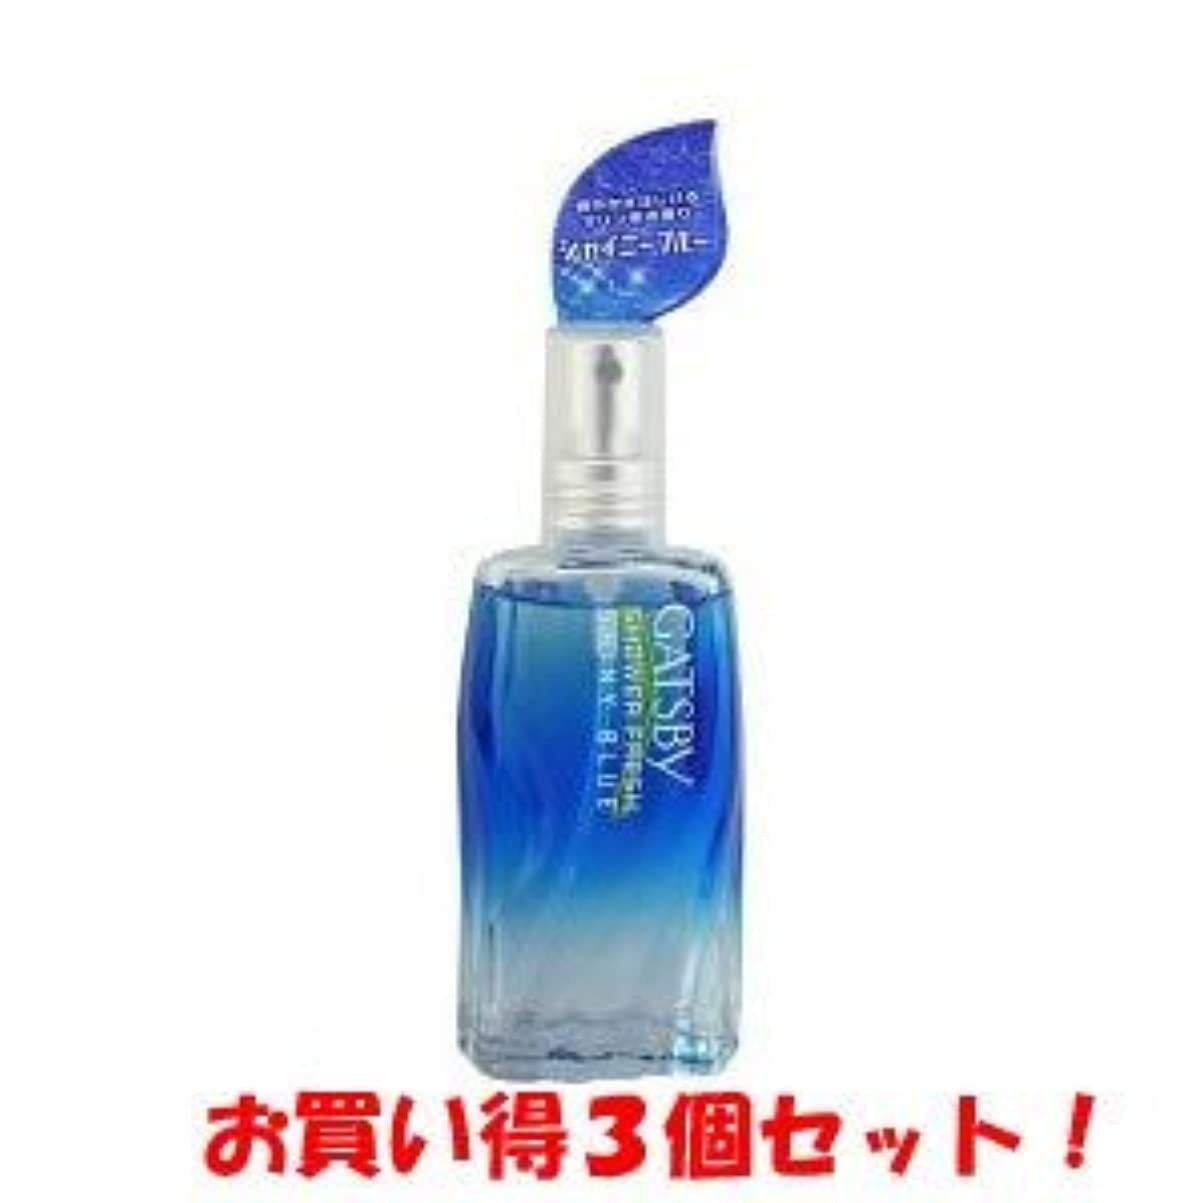 投獄煙ロイヤリティギャツビー【GATSBY】シャワーフレッシュ シャイニーブルー 60ml(お買い得3個セット)